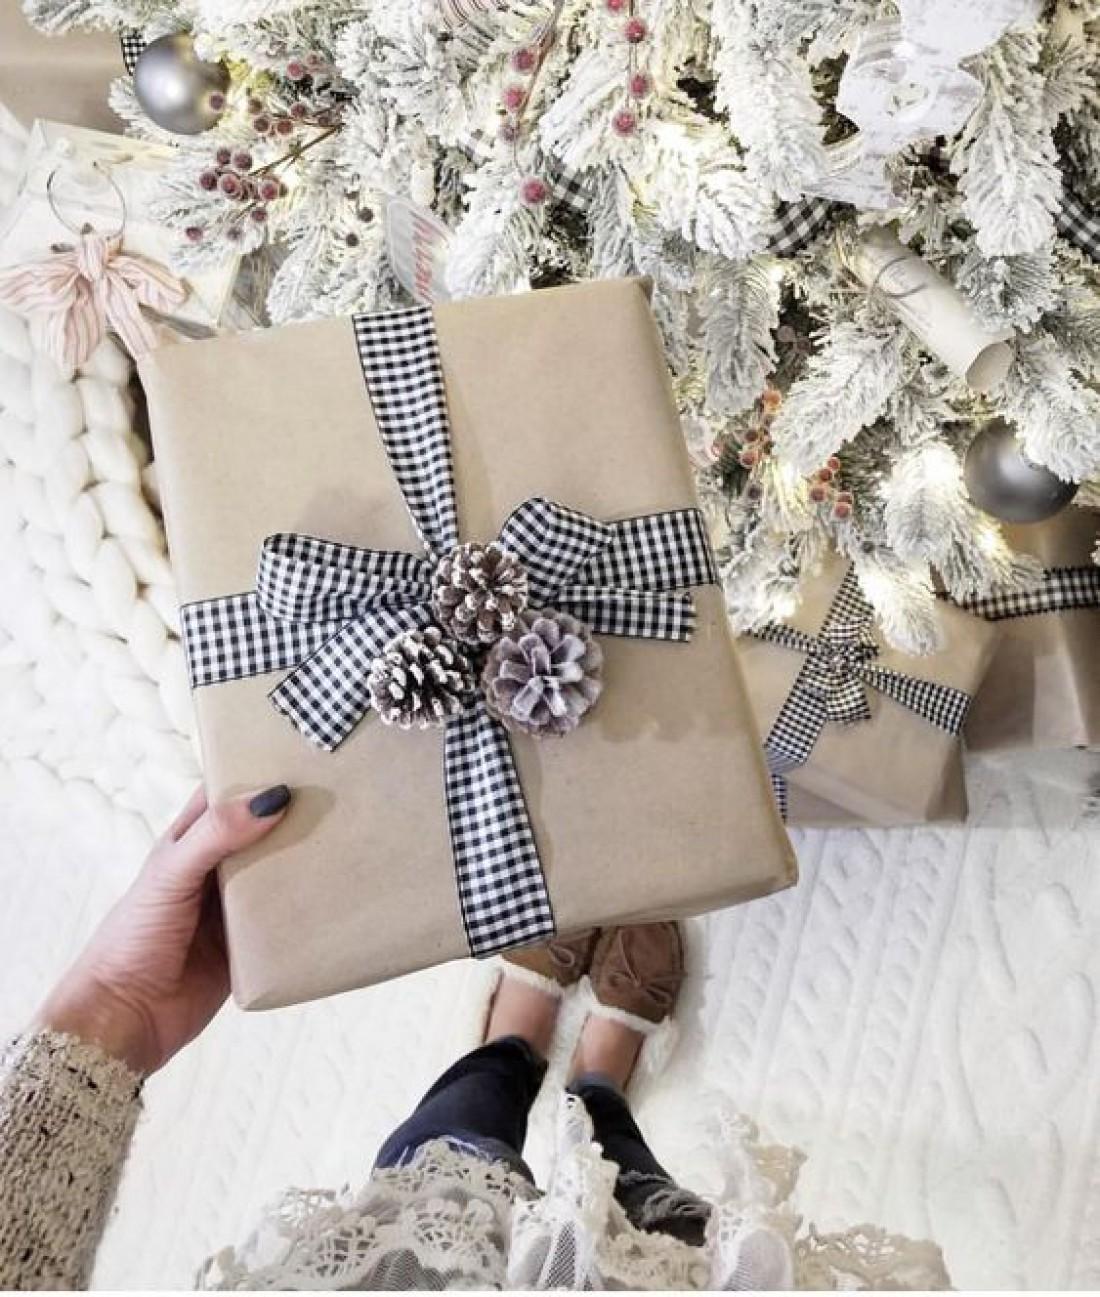 Бюджетные подарки на Новый год 2020: оригинально, полезно, недорого